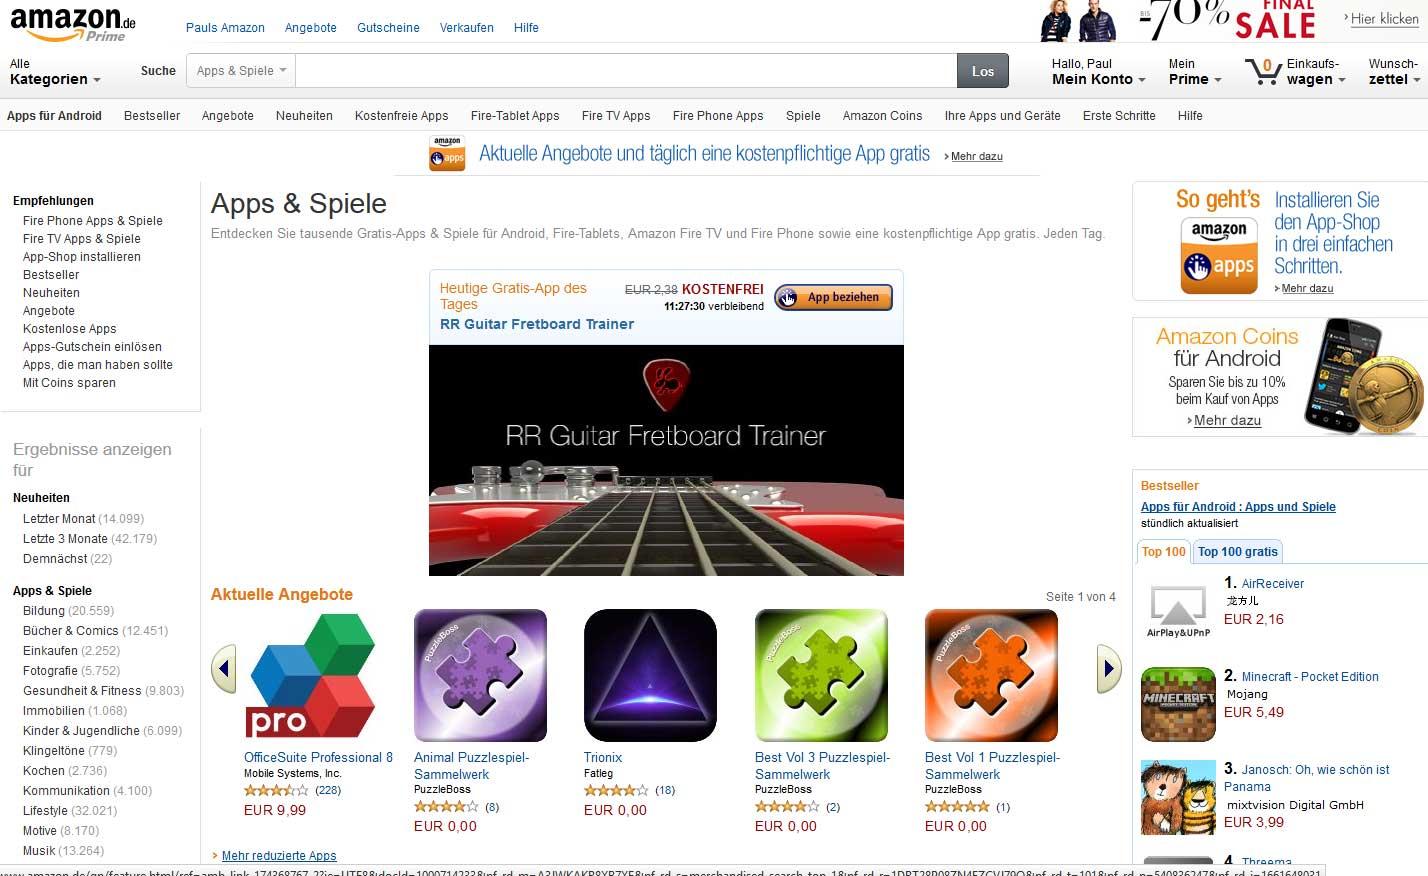 Amazon App Shop Android Apps auch auf dem Blackberry installieren - Bildquelle: amazon.de